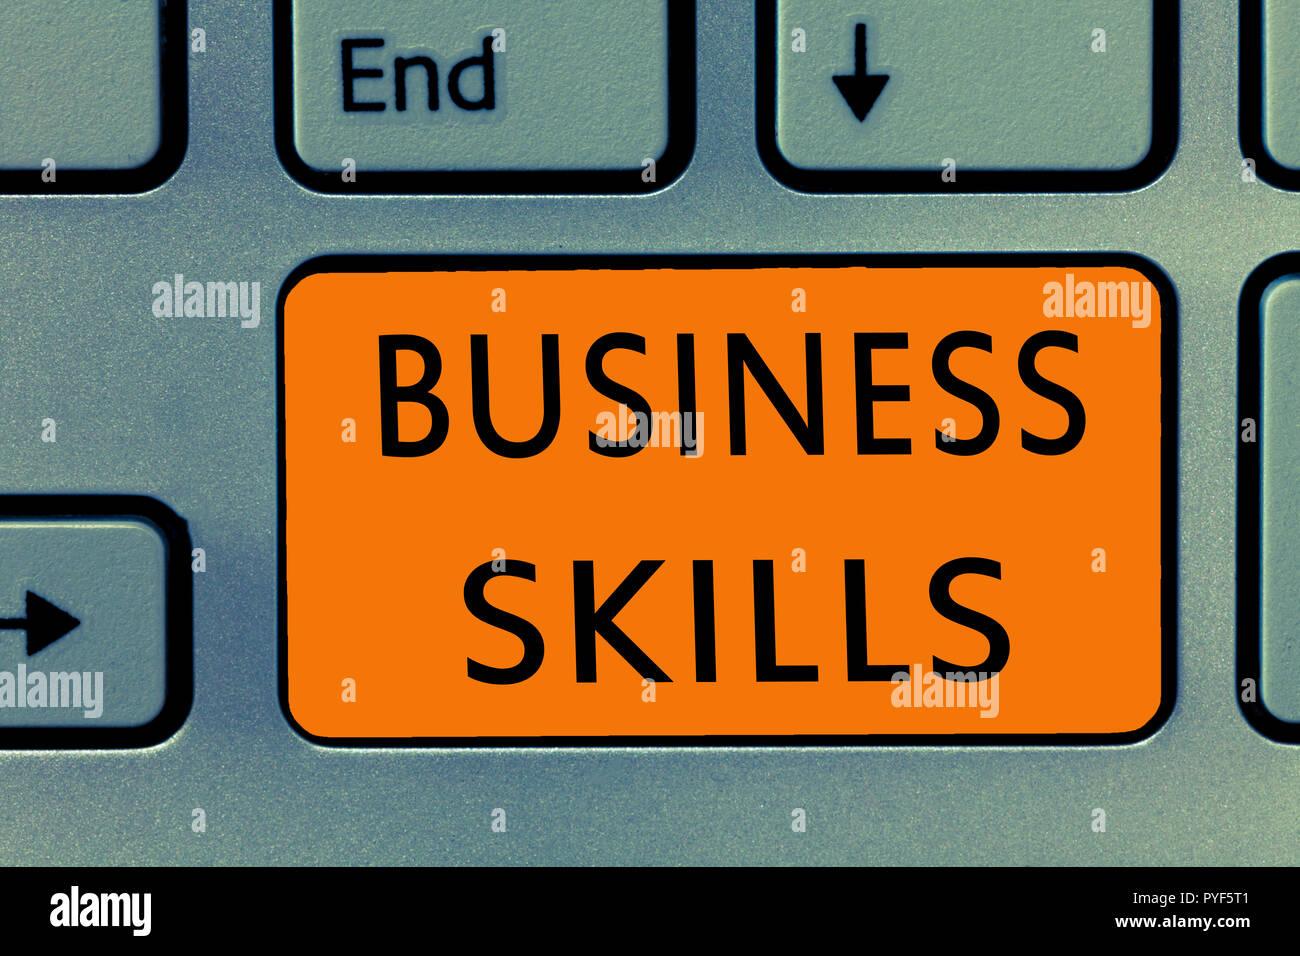 Escritura a mano Conceptual Mostrando habilidades de negocios. Foto y texto de negocios una capacidad para adquirir esfuerzo sistemático de funciones de trabajo. Imagen De Stock